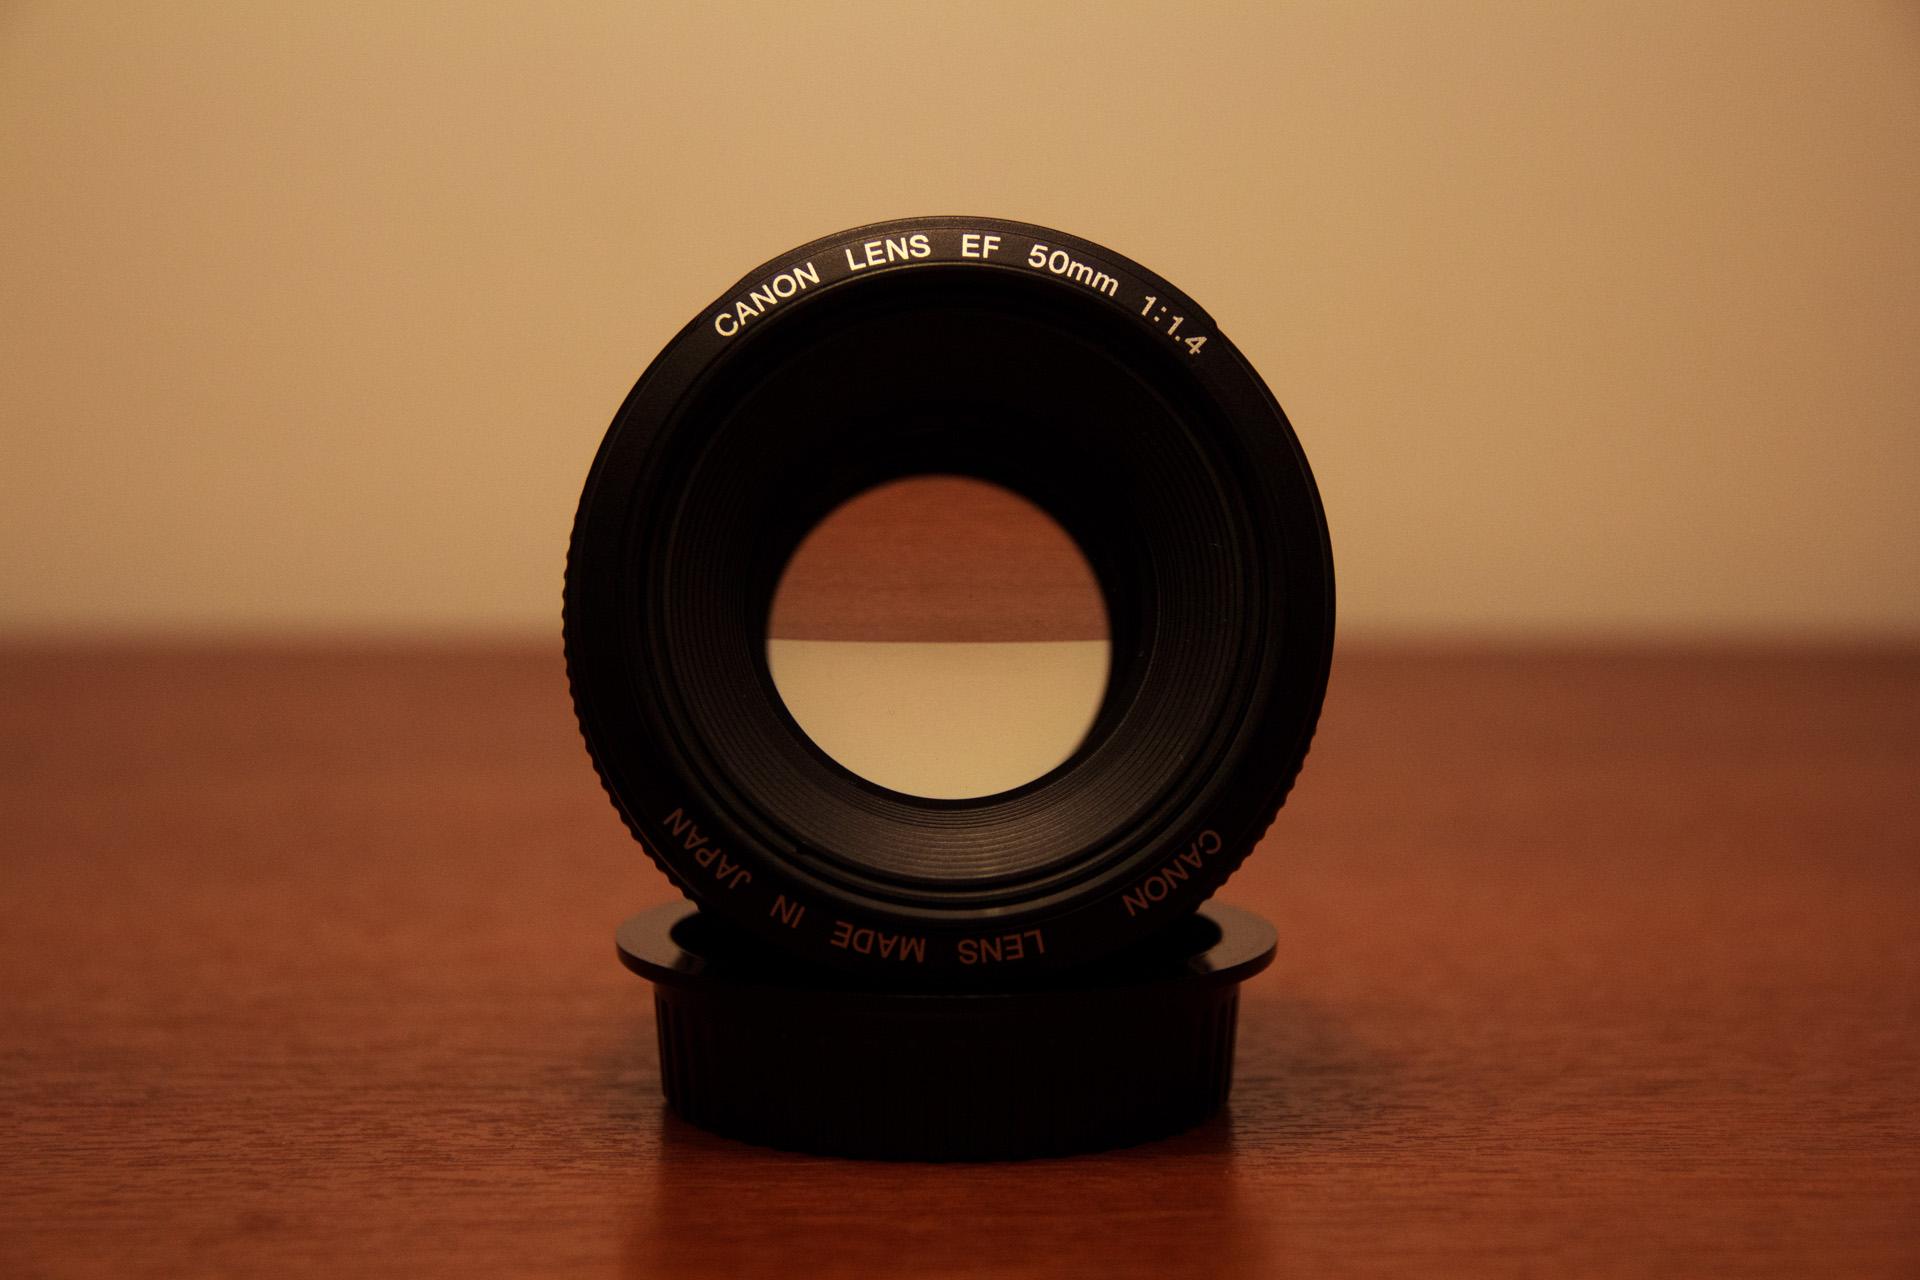 Canon EF 50mm f/1.4 USM, la gama media de los lentes fijos ultraluminosos. Si no tenés idea qué dije seguí leyendo.